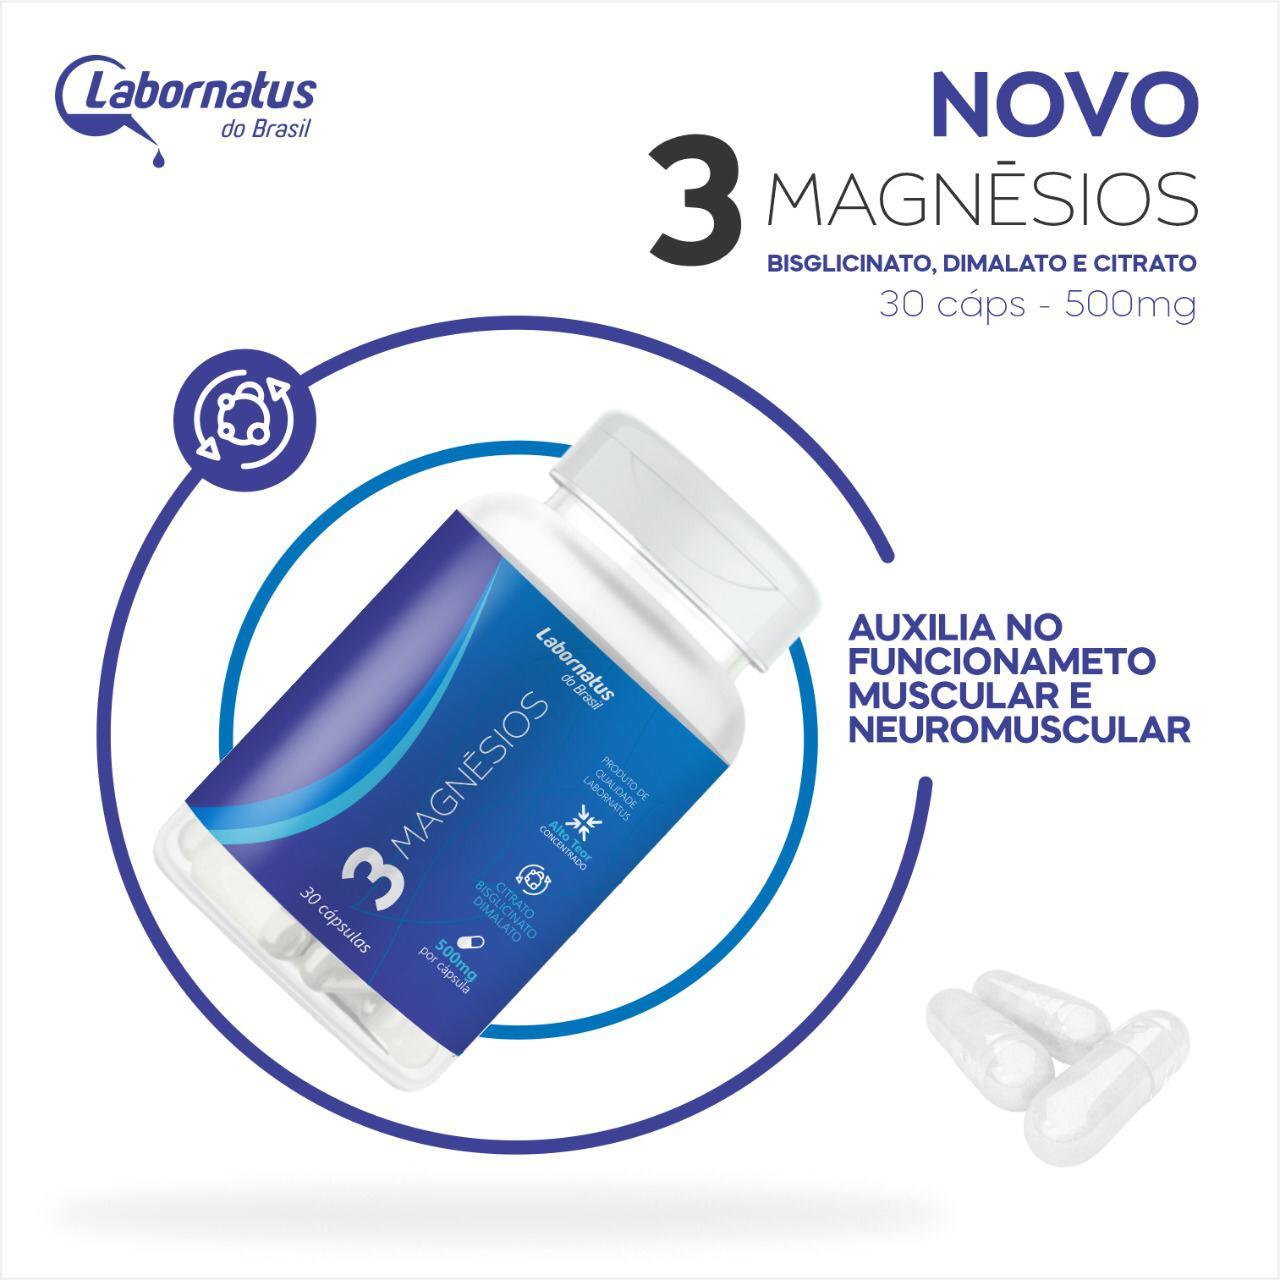 3 Magnésio - Citrato - Dimalato - Bisglicinato